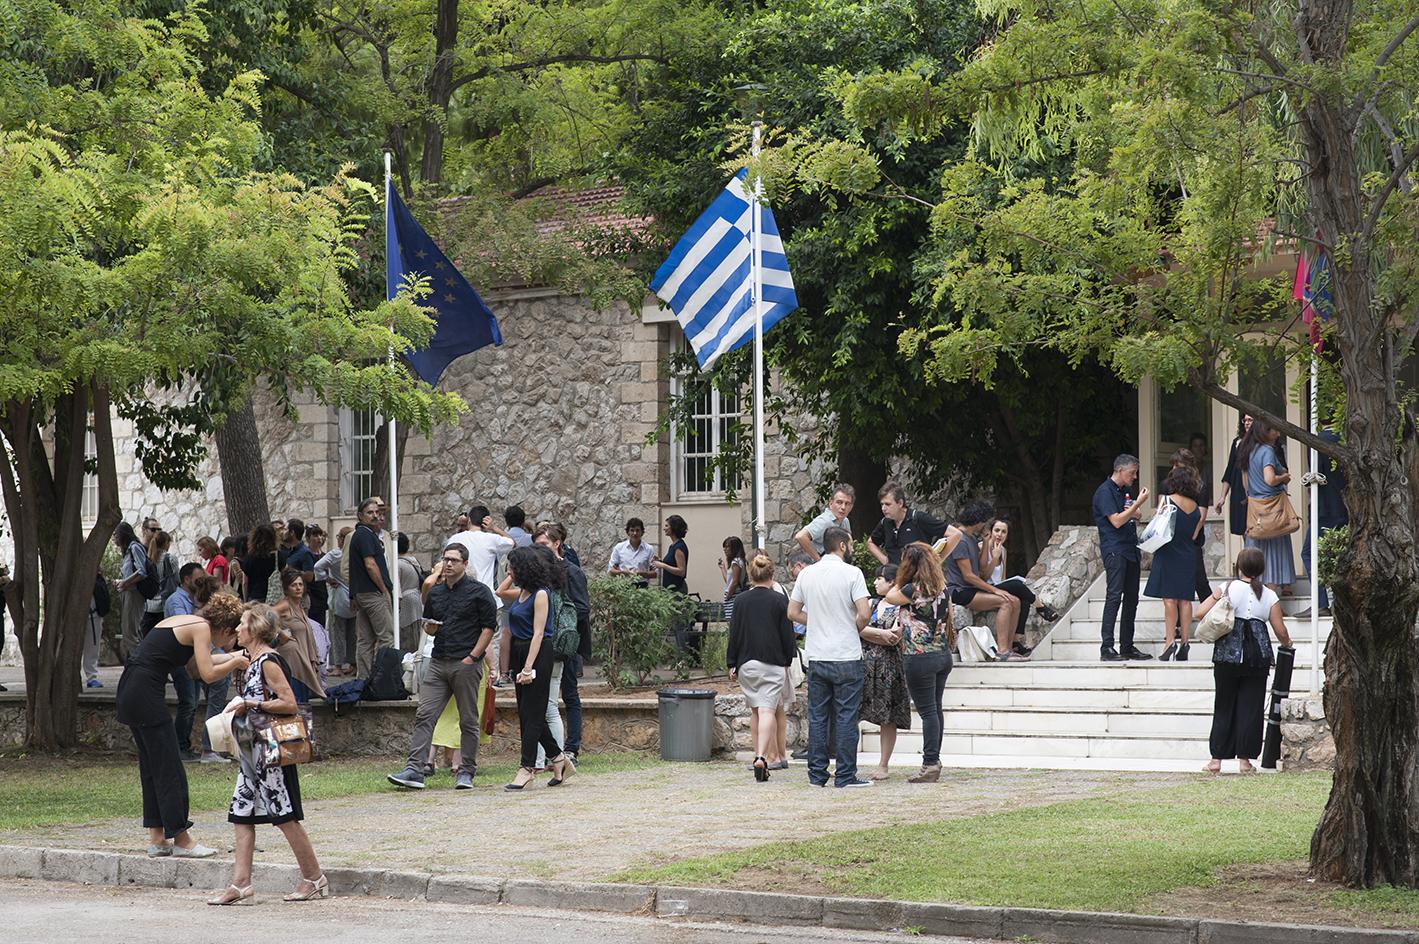 Κέντρο Τεχνών του Δήμου Αθηναίων στο Πάρκο Ελευθερίας